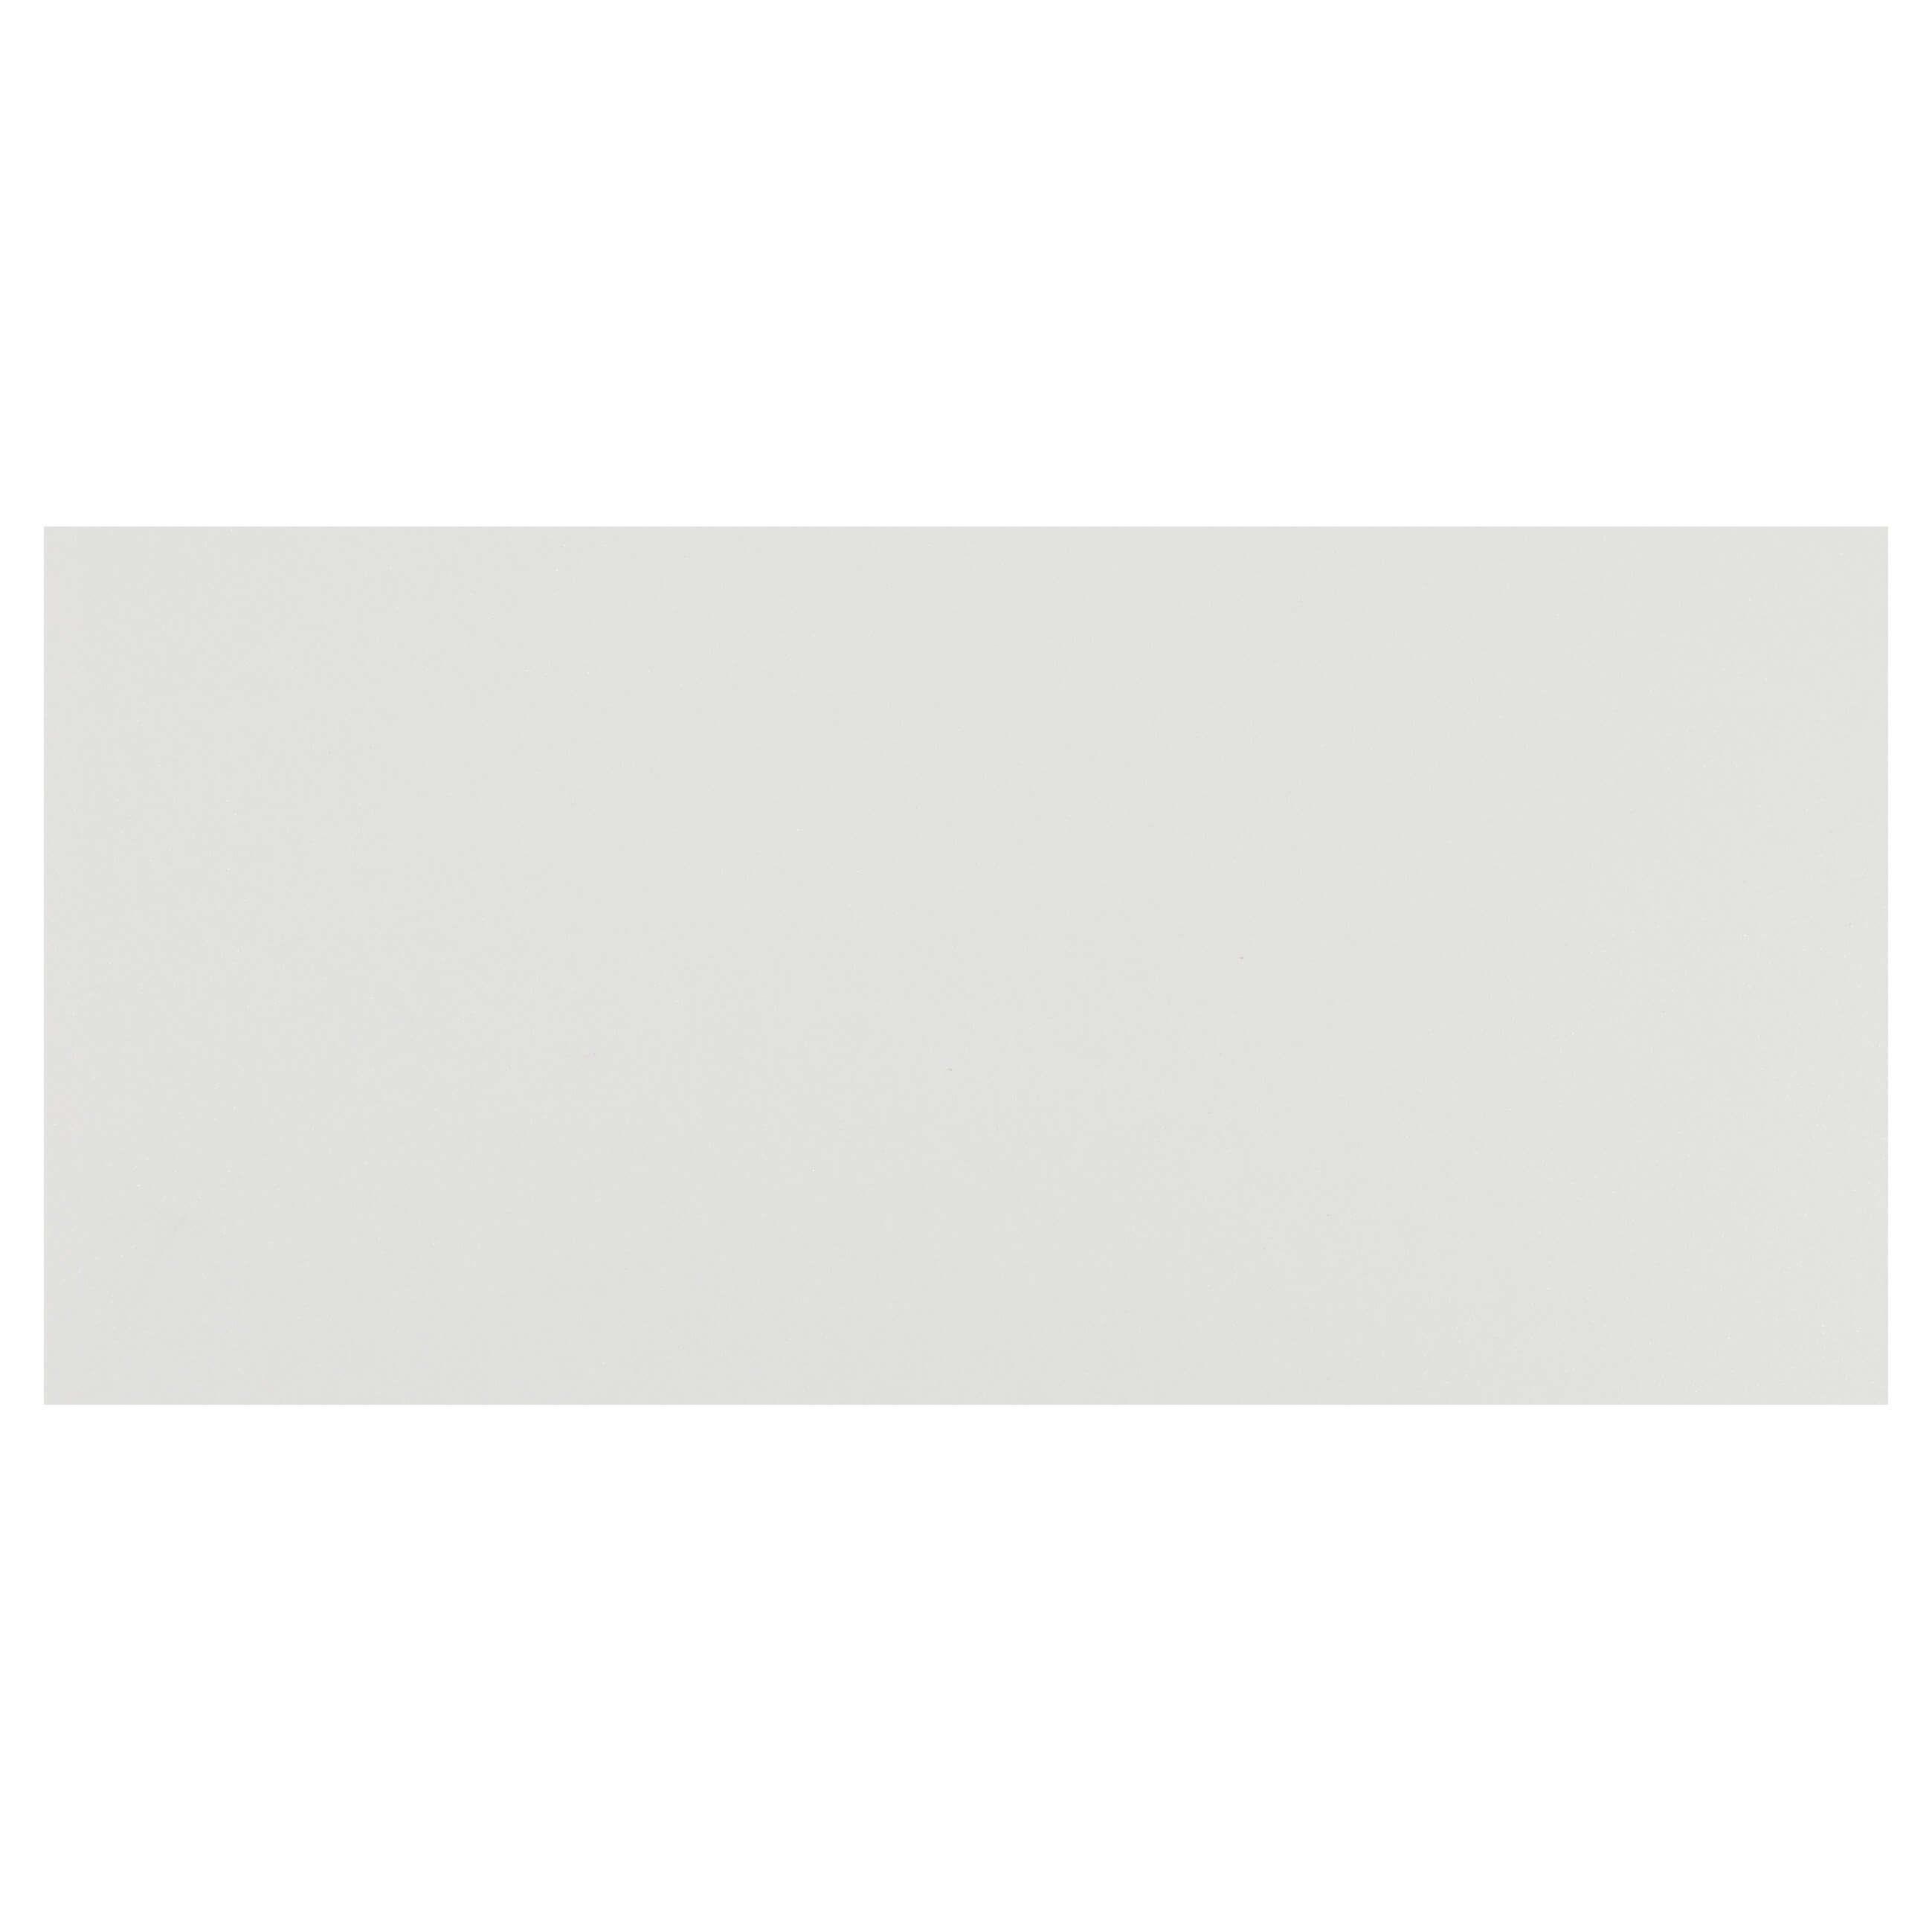 Cardstock DL Base - Ivory Sparkle